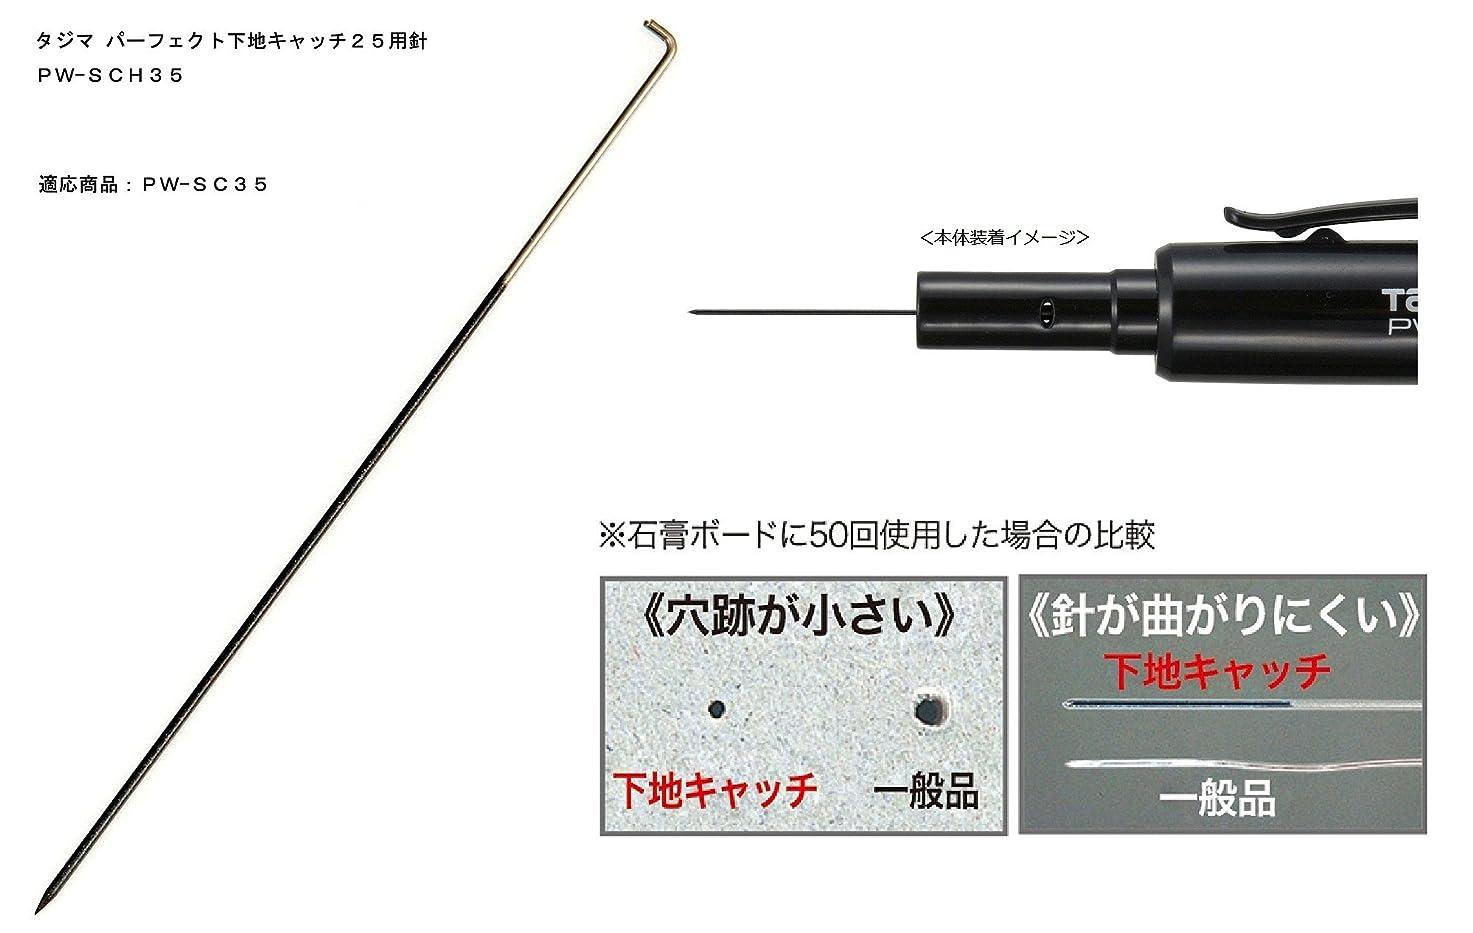 聡明協力的速度aom 下地センサー 下地探し 1台4役 金属/木材/AC電源の位置探知 壁うらセンサー 内装材専用 プロ用電動工具に 日本語説明書対応